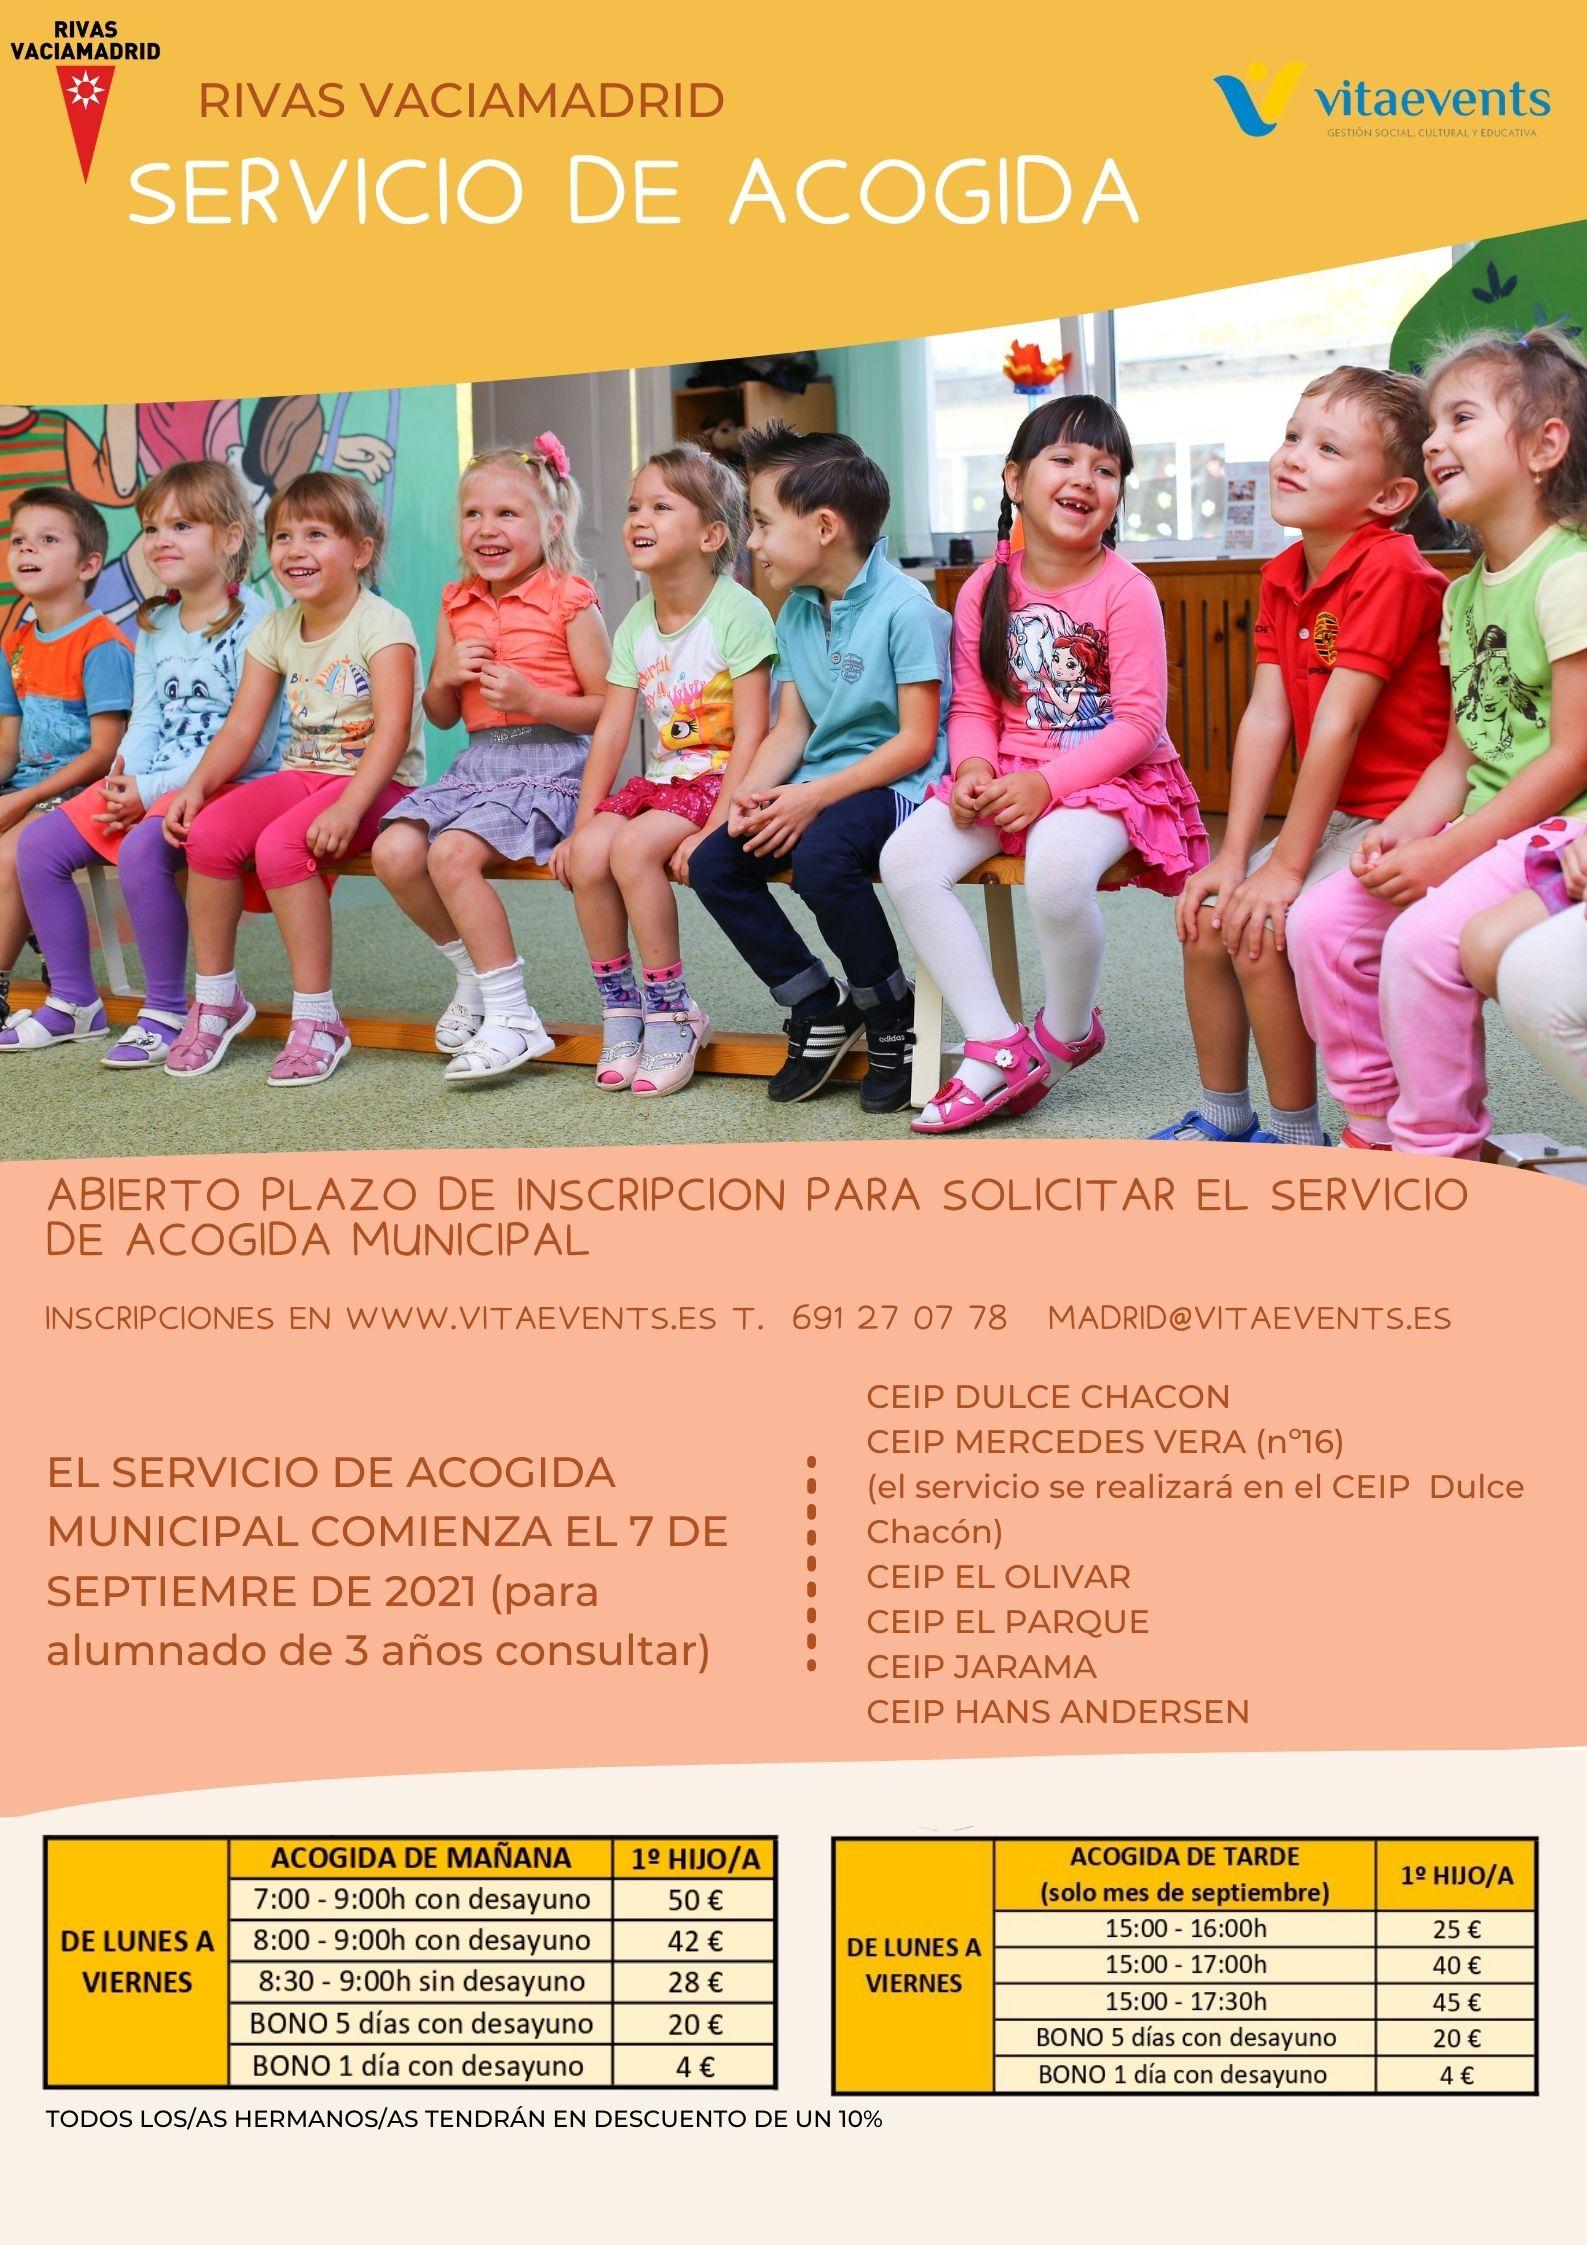 SERVICIO MUNICIPAL DE ACOGIDA EN COLEGIOS